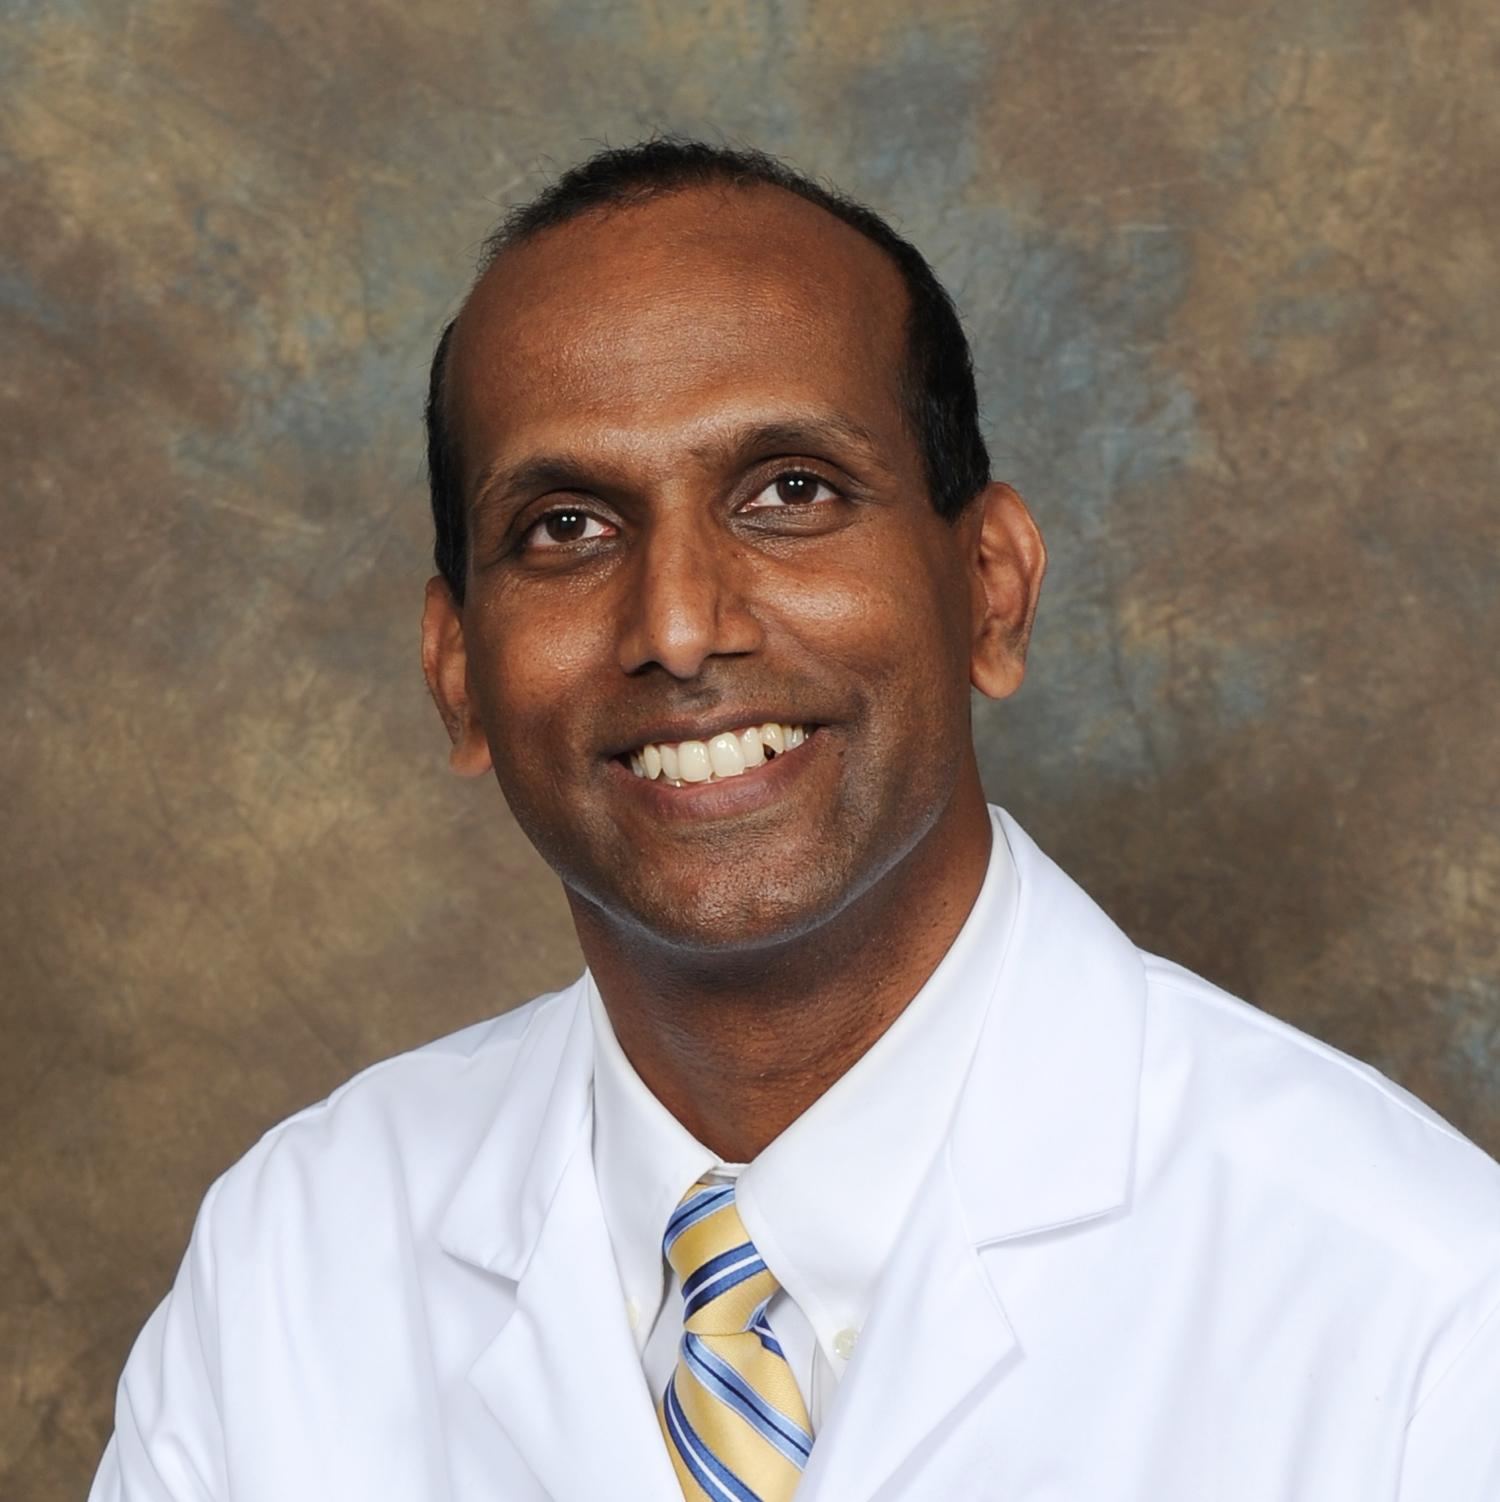 Dr. Narayan Pillai